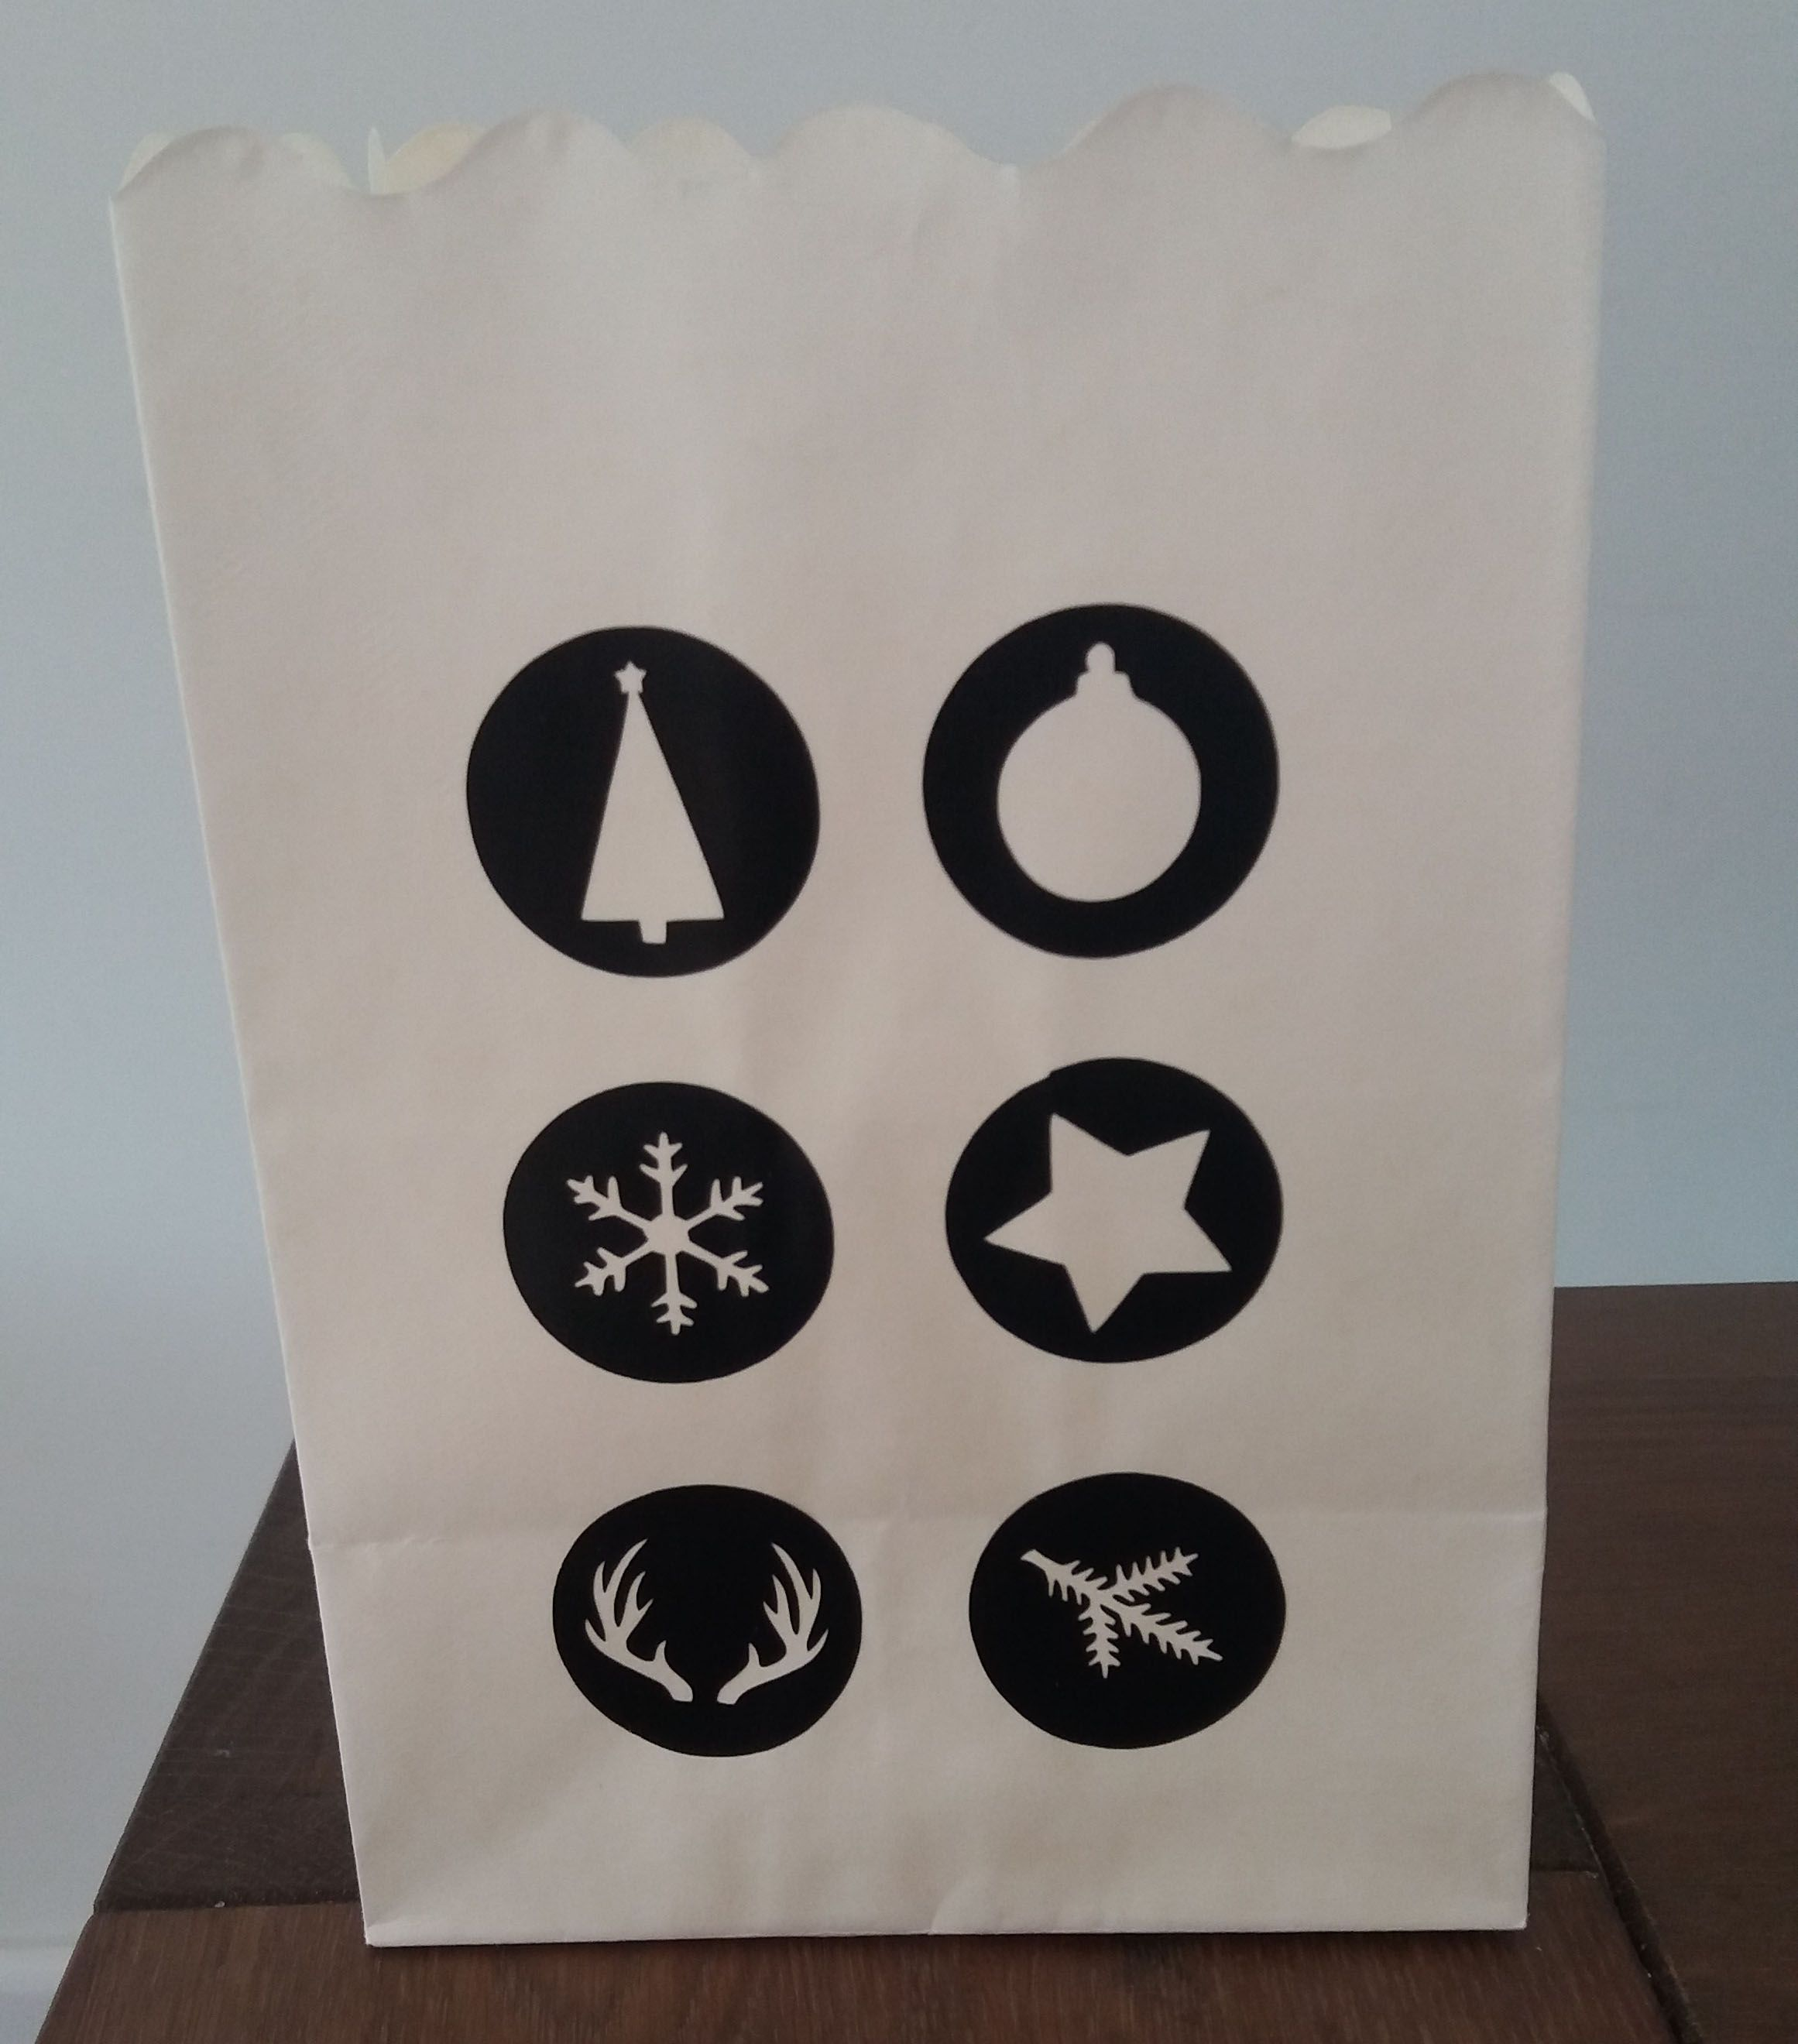 In opdracht gemaakt kerstpresentje. Deze 'lightbag' is brandwerend en geschikt om een waxinelichtje in te plaatsen (wel in een glaasje).